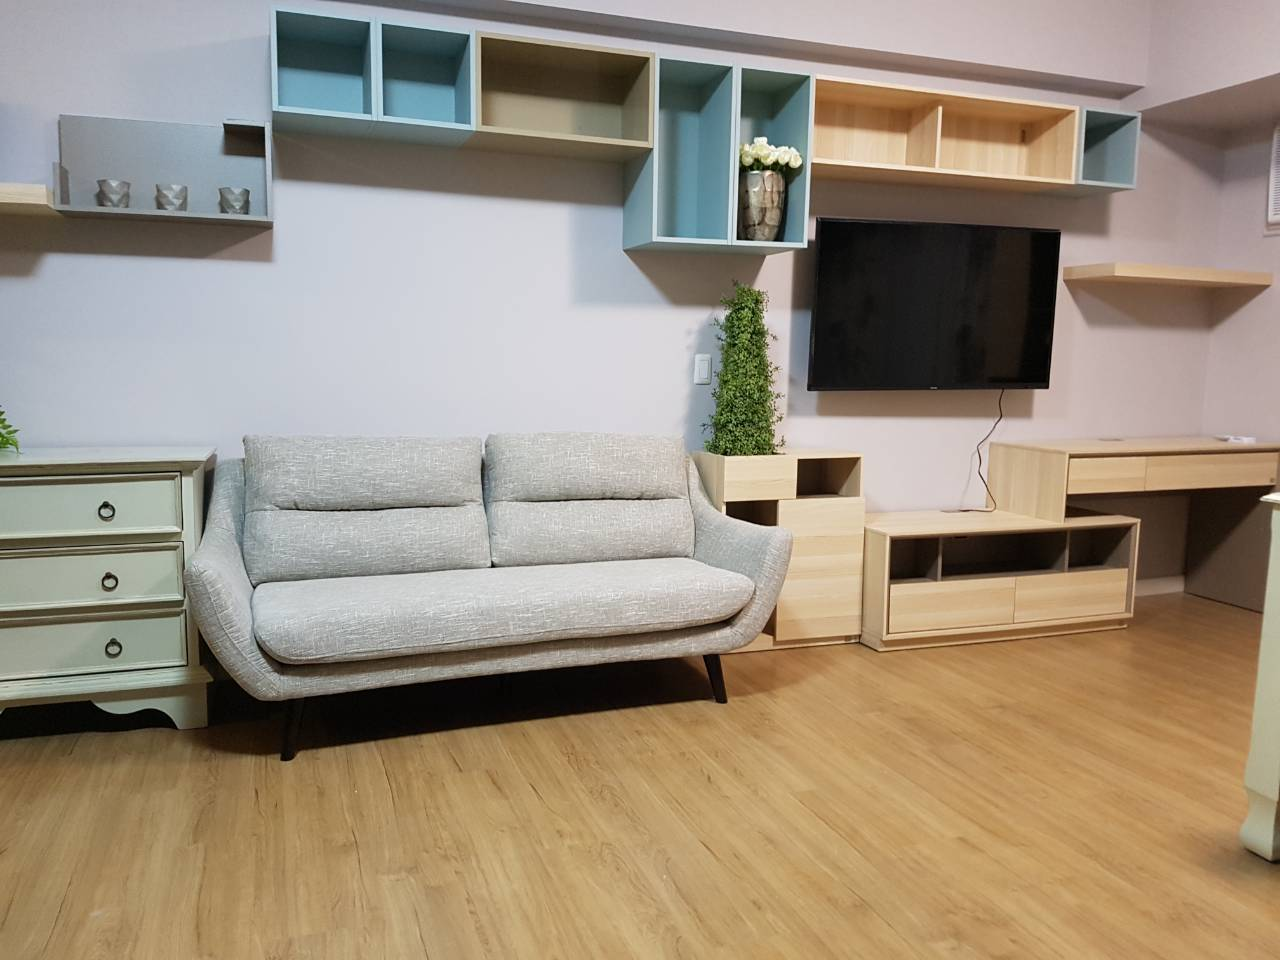 Studio Condo For Rent Meranti, Two Serendra, BGC View 3